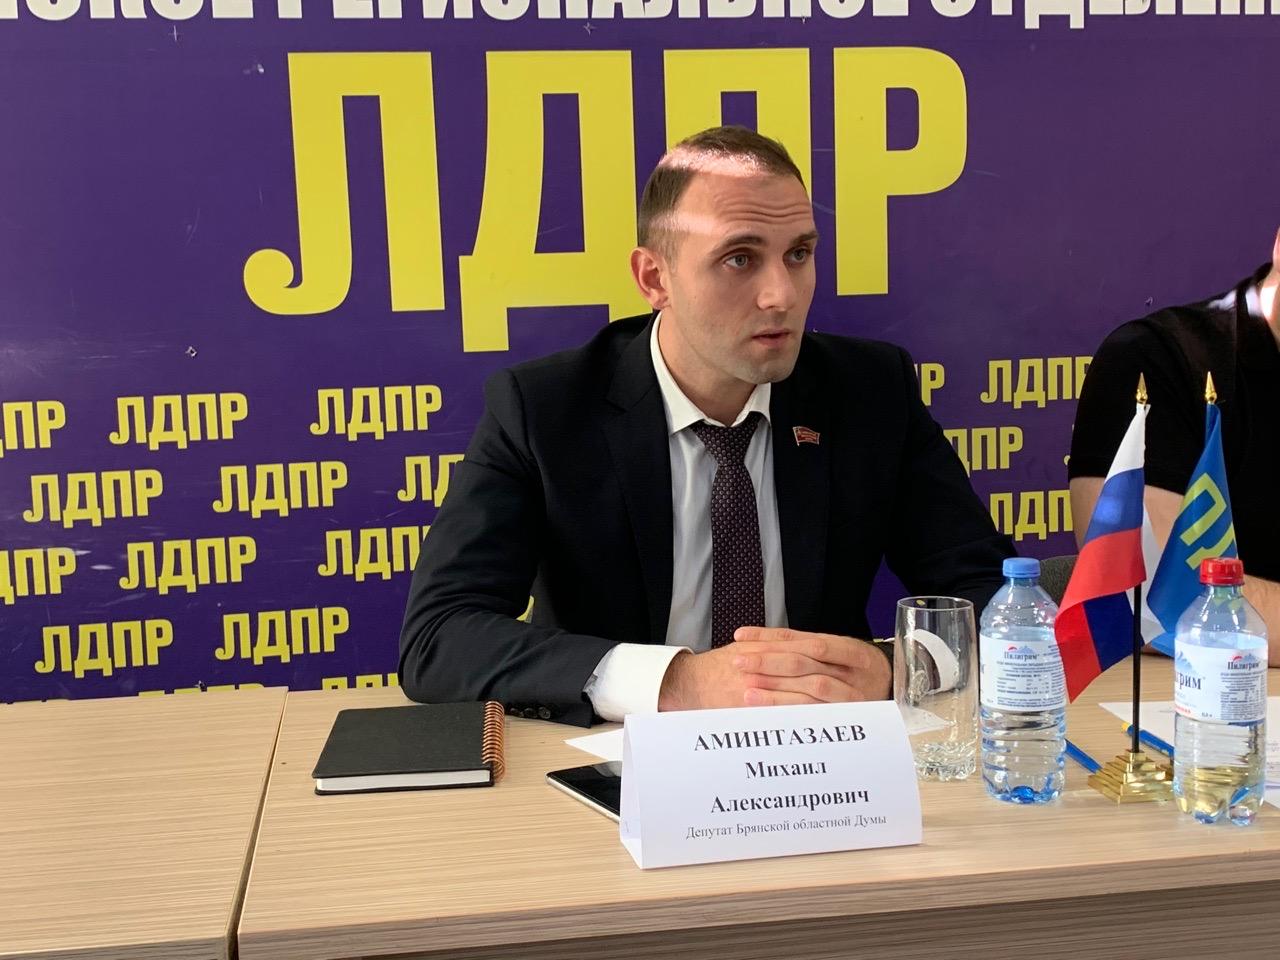 Депутат Брянской областной думы Михаил Аминтазаев сложил полномочия